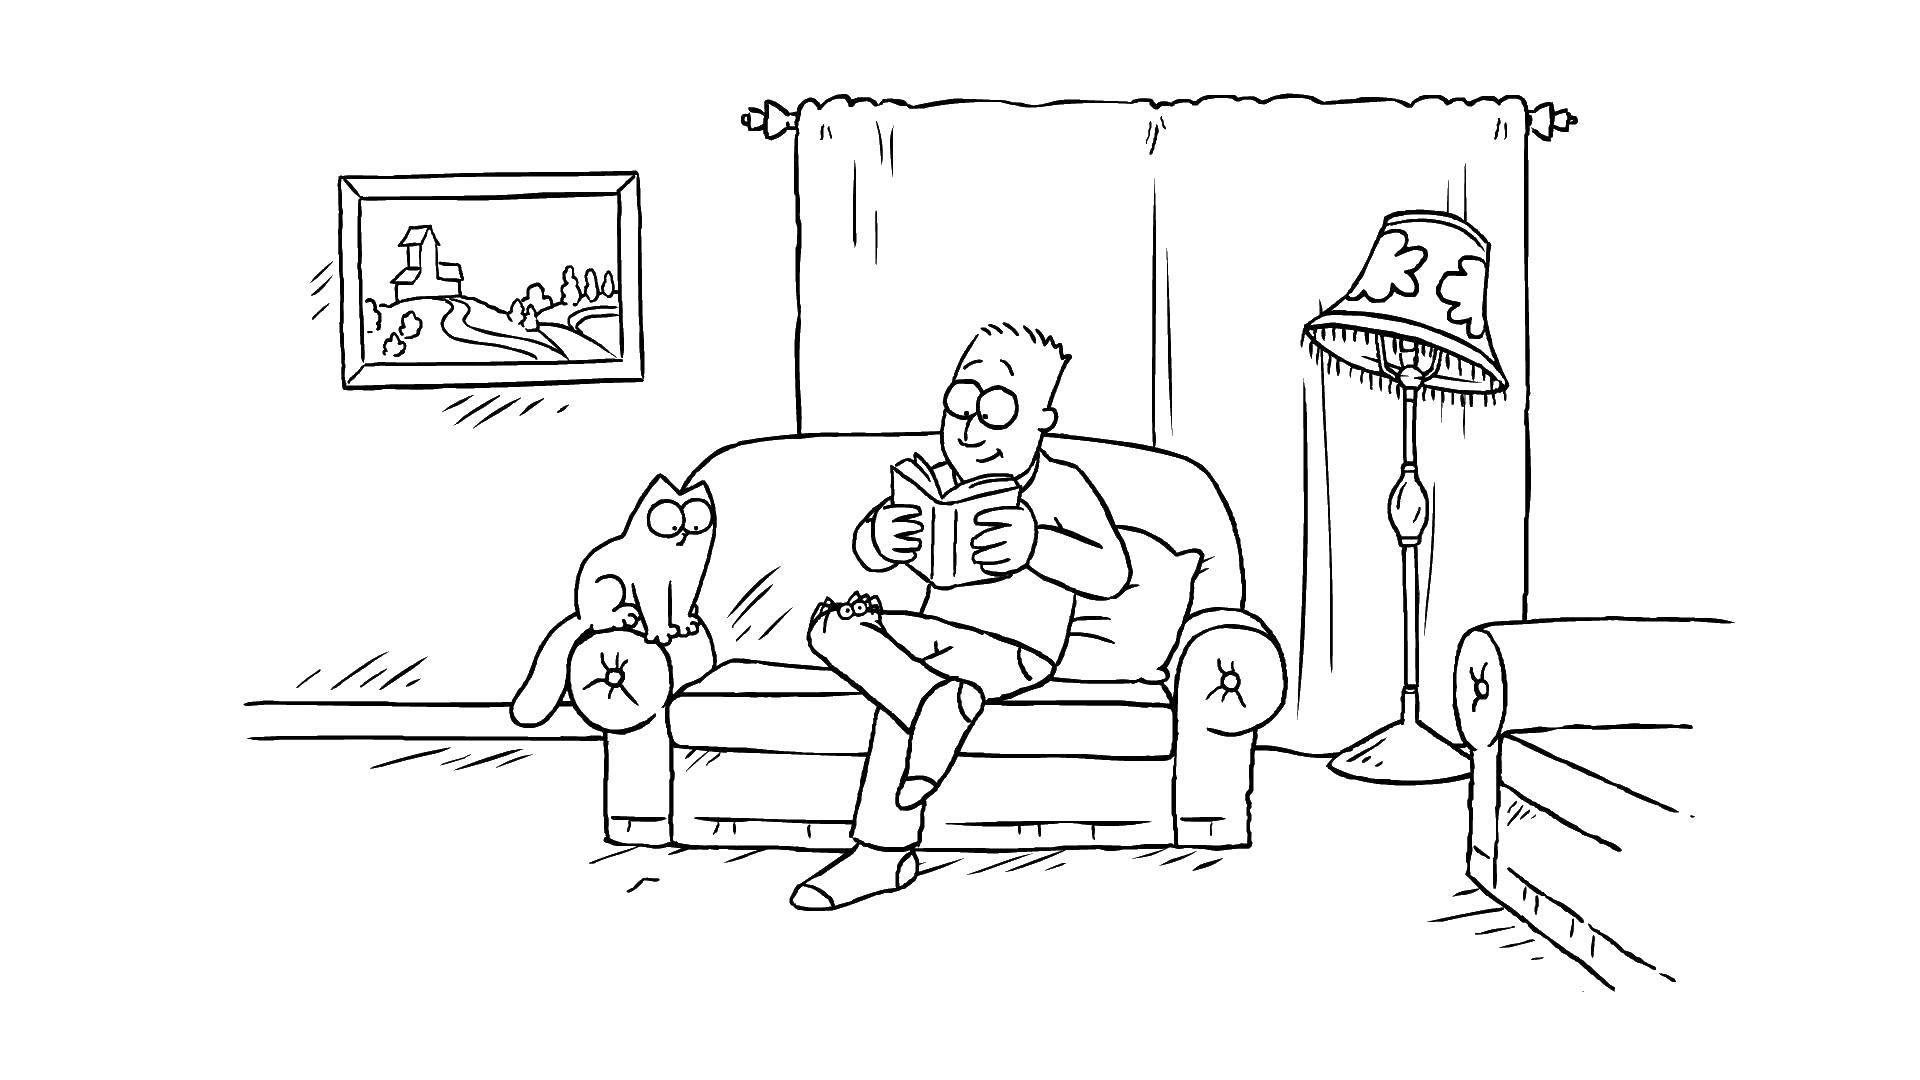 Раскраска кот саймона Скачать Образец, цифры.  Распечатать ,По номерам,